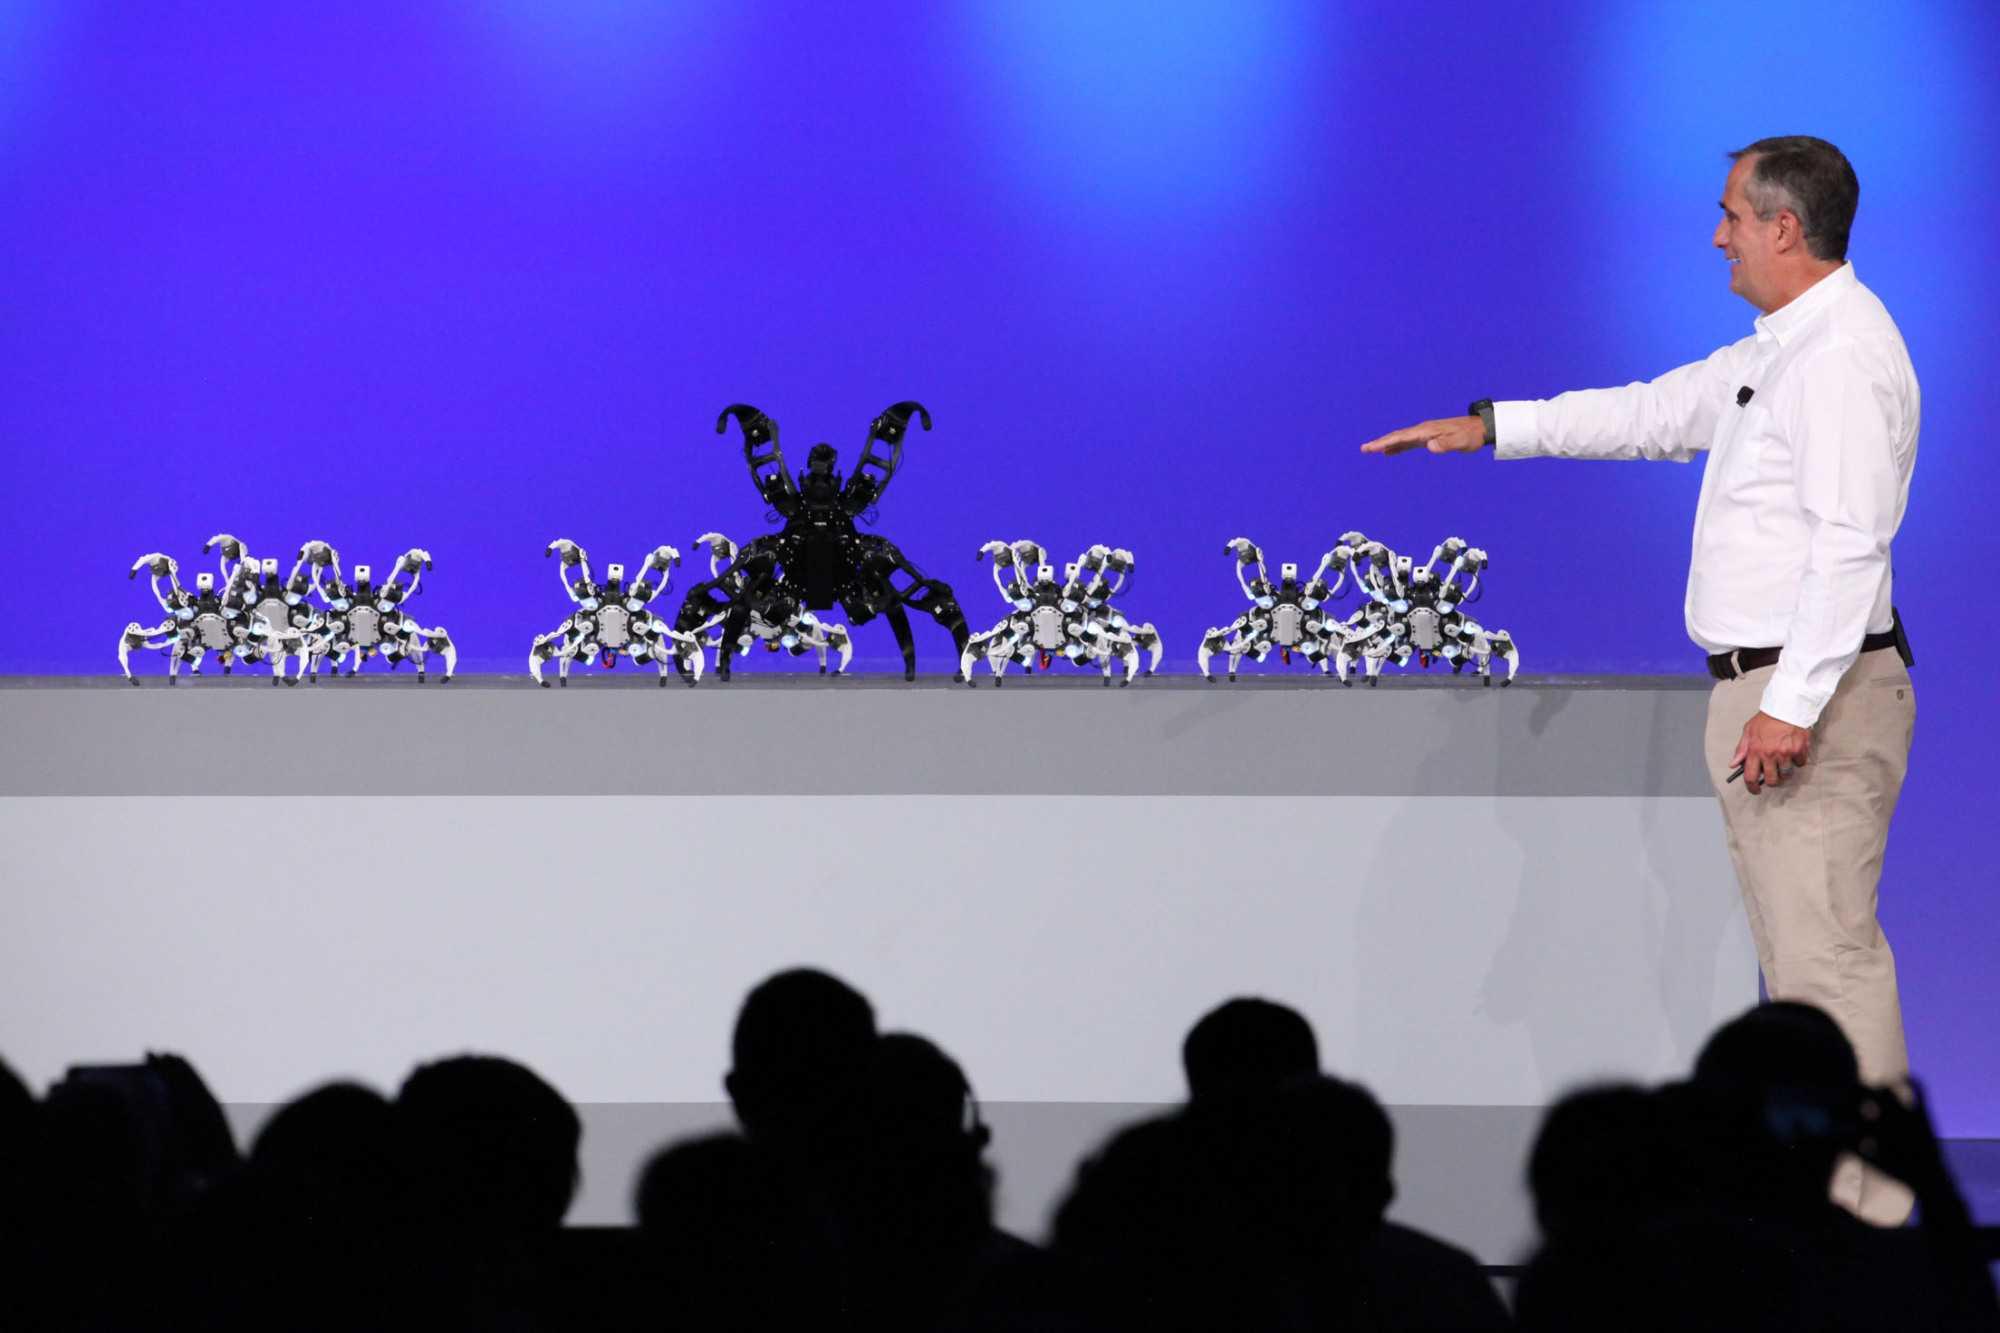 Knapp 100 der Roboterspinnen dirigierte Intel-Chef Brian Krzanich mit einem Armband in dem ein Curie-Modul steckte.